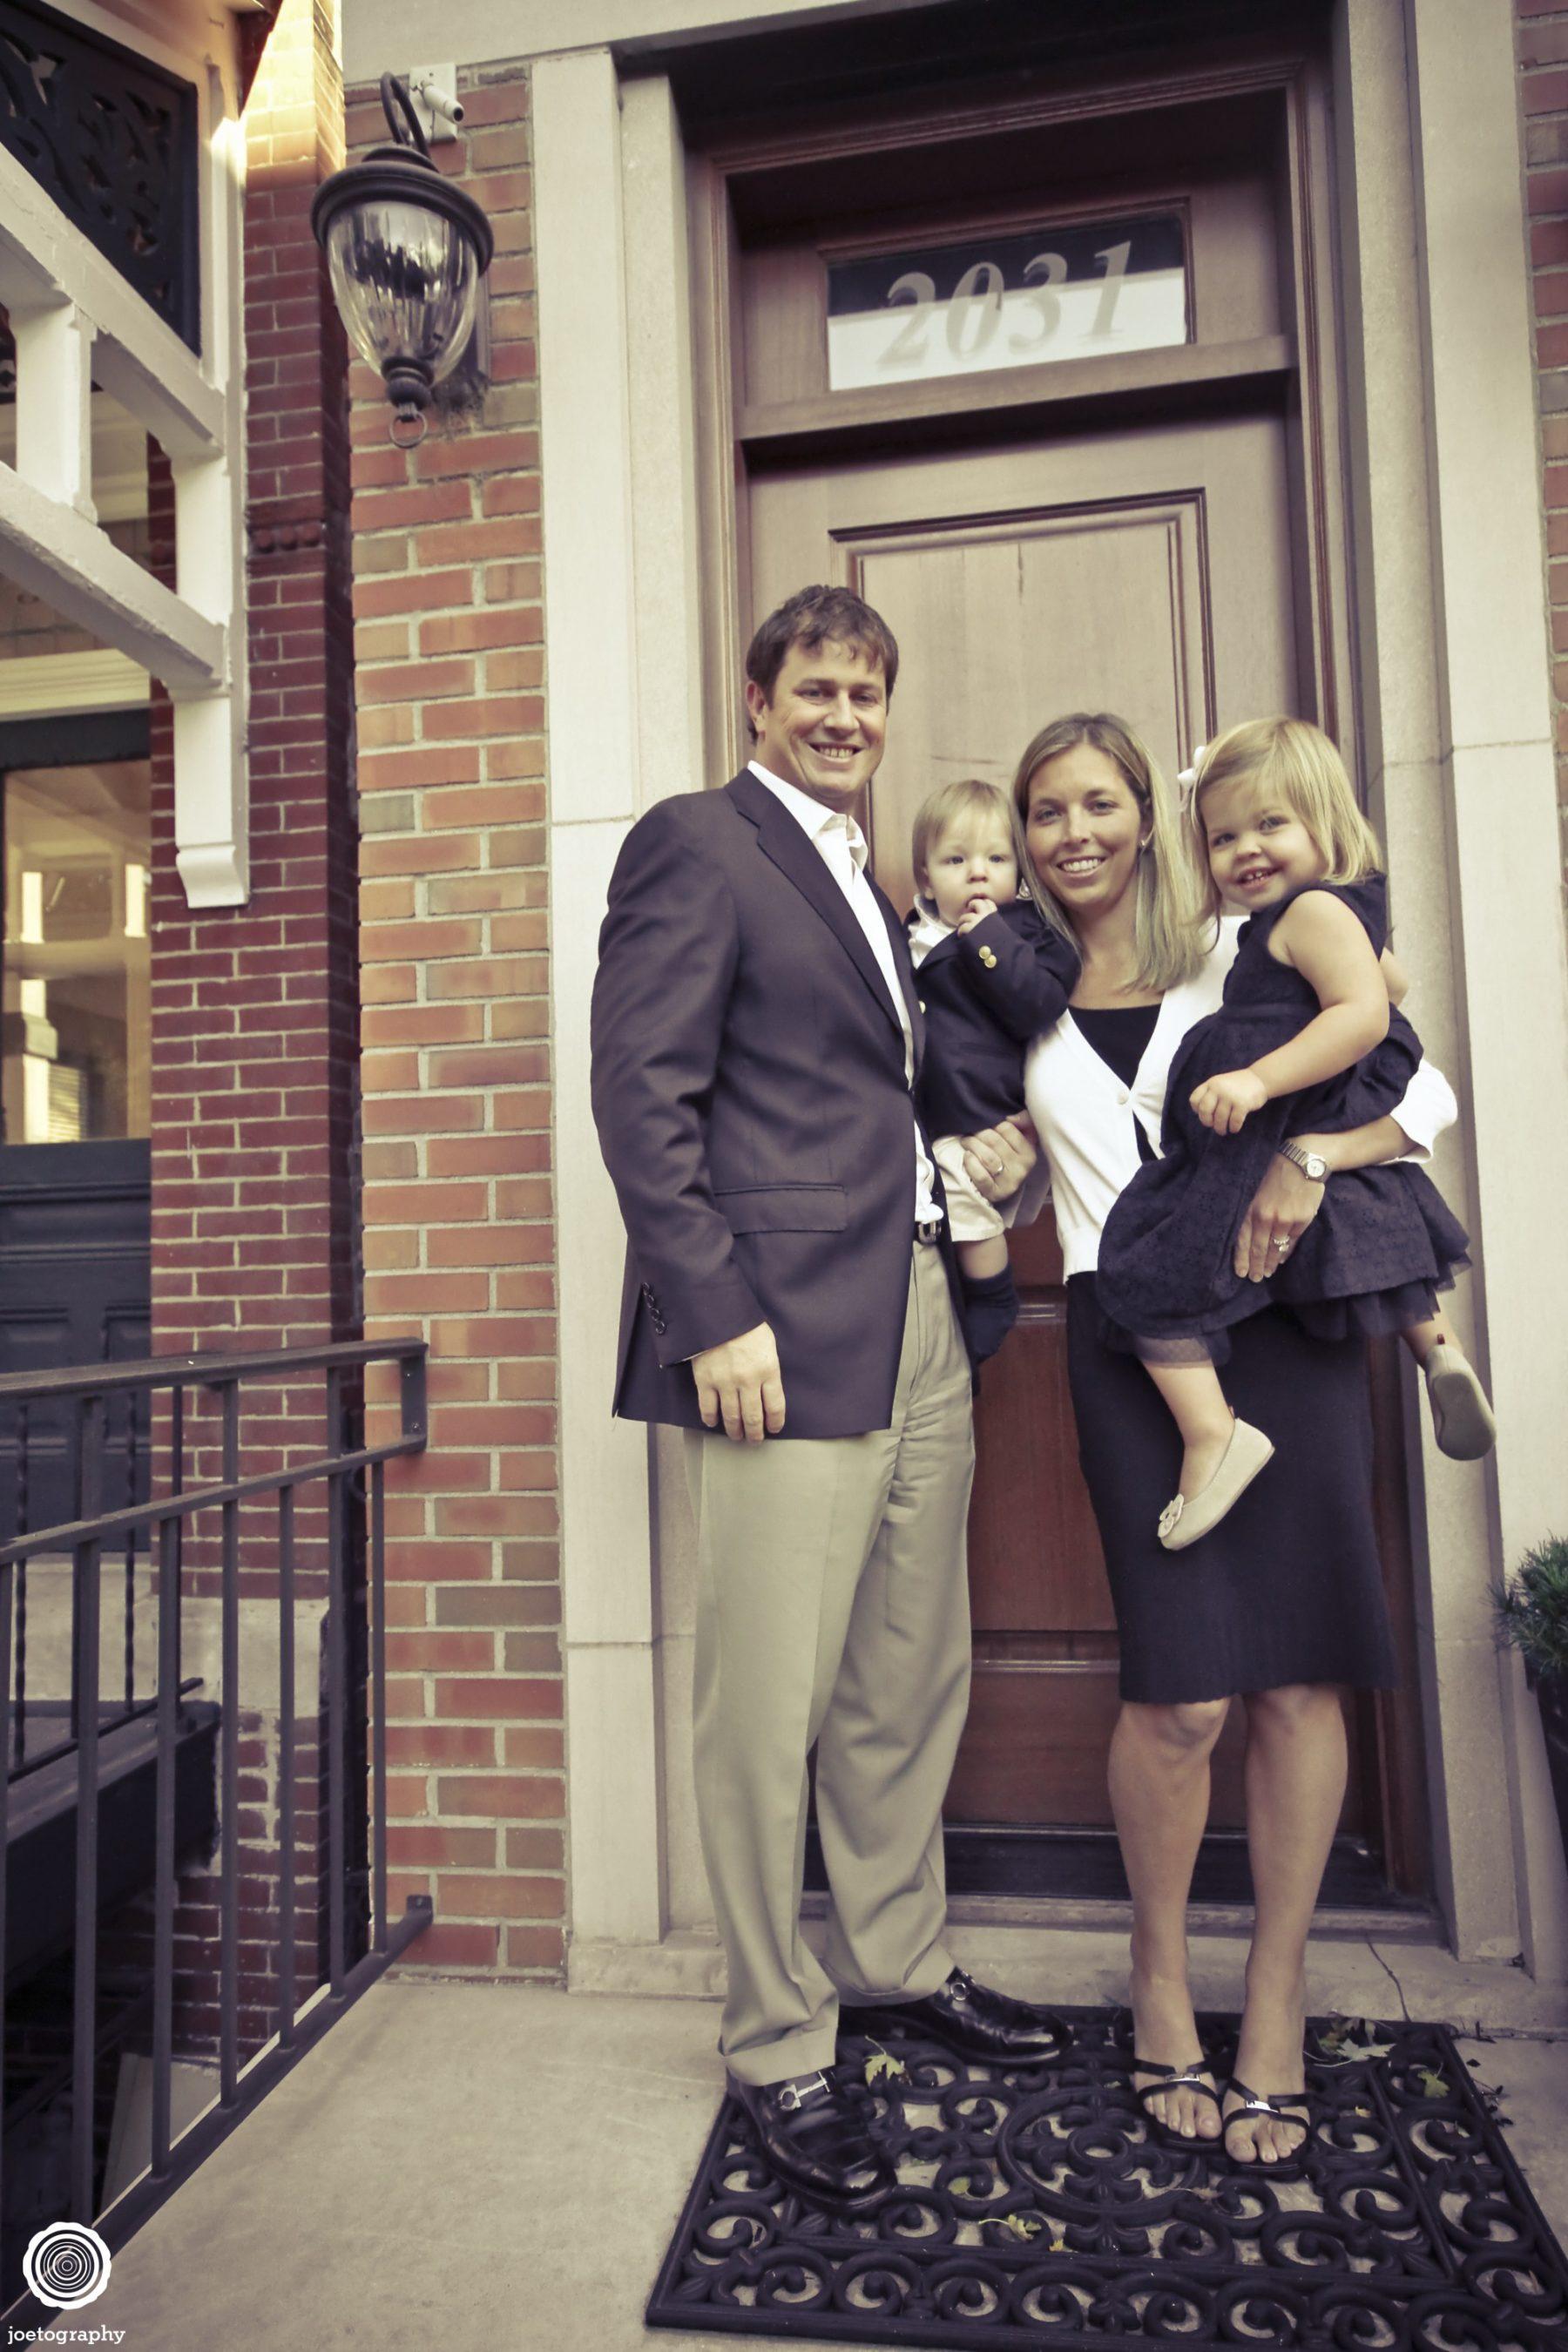 Wiedelman-Family-Photos-Chicago-Illinois-99